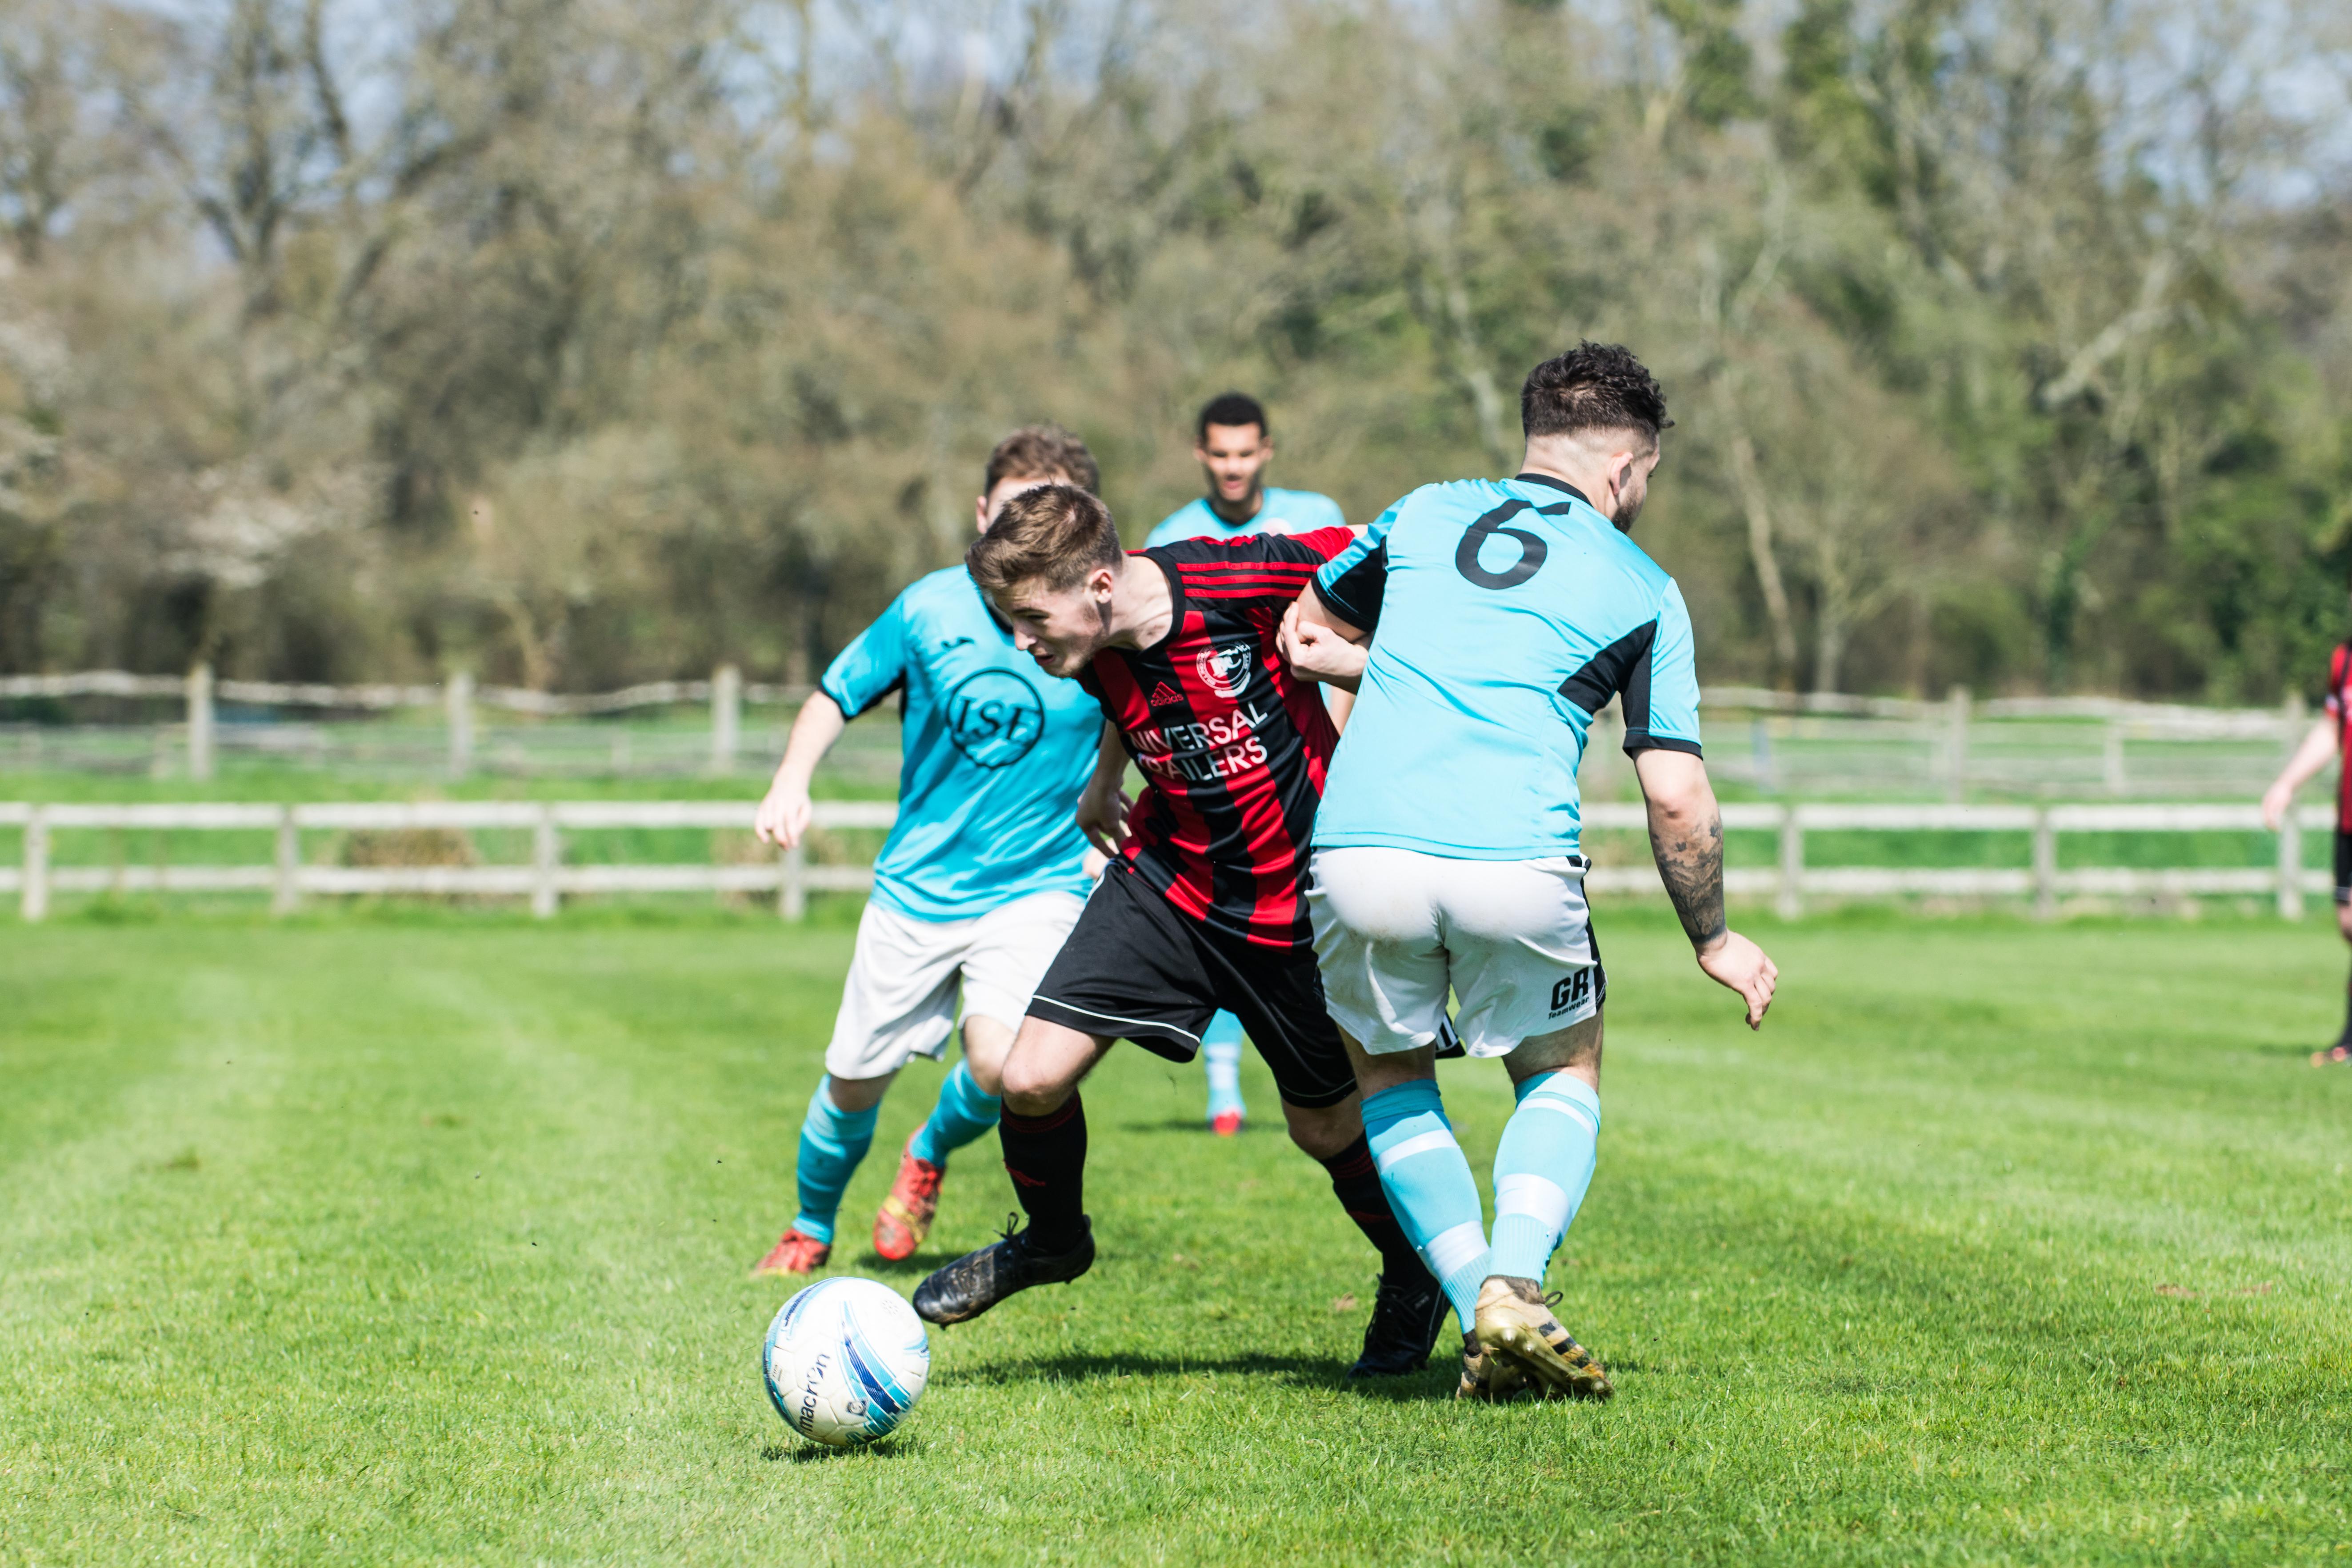 DAVID_JEFFERY Billingshurst FC vs AFC Varndeanians 14.04.18 22